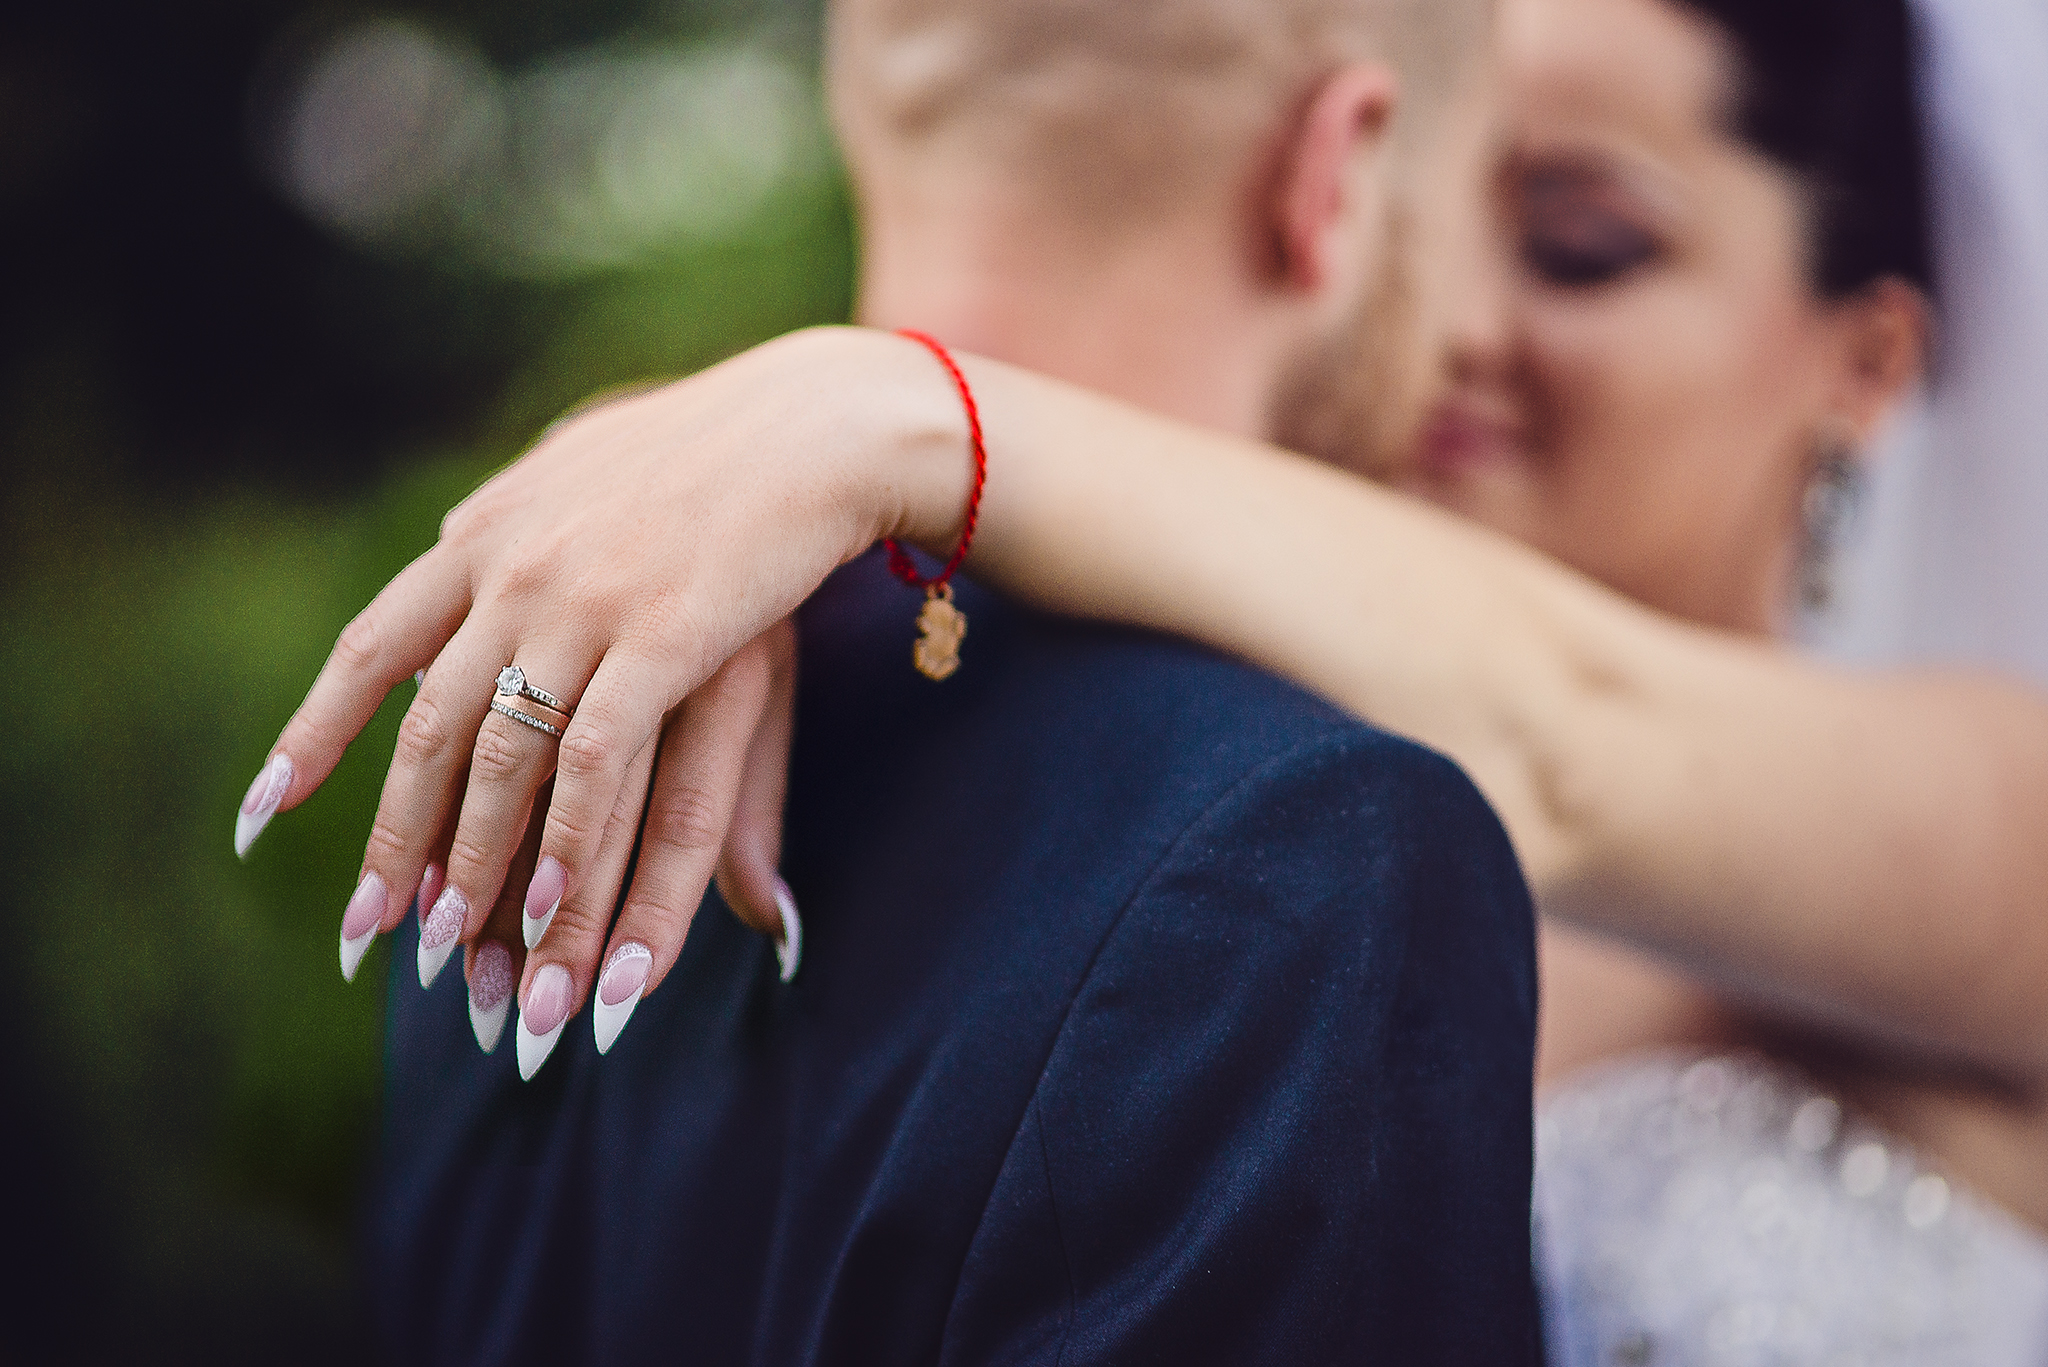 nevesta, ženích, láska, obrúčka, objatie príroda, love, rings, prstienky, snubný prsteň, wedding dress, Bratislava, Trenčín, Žilina, Liptov, fotograf, kameraman, svadobné video, romantika, úsmev, smile